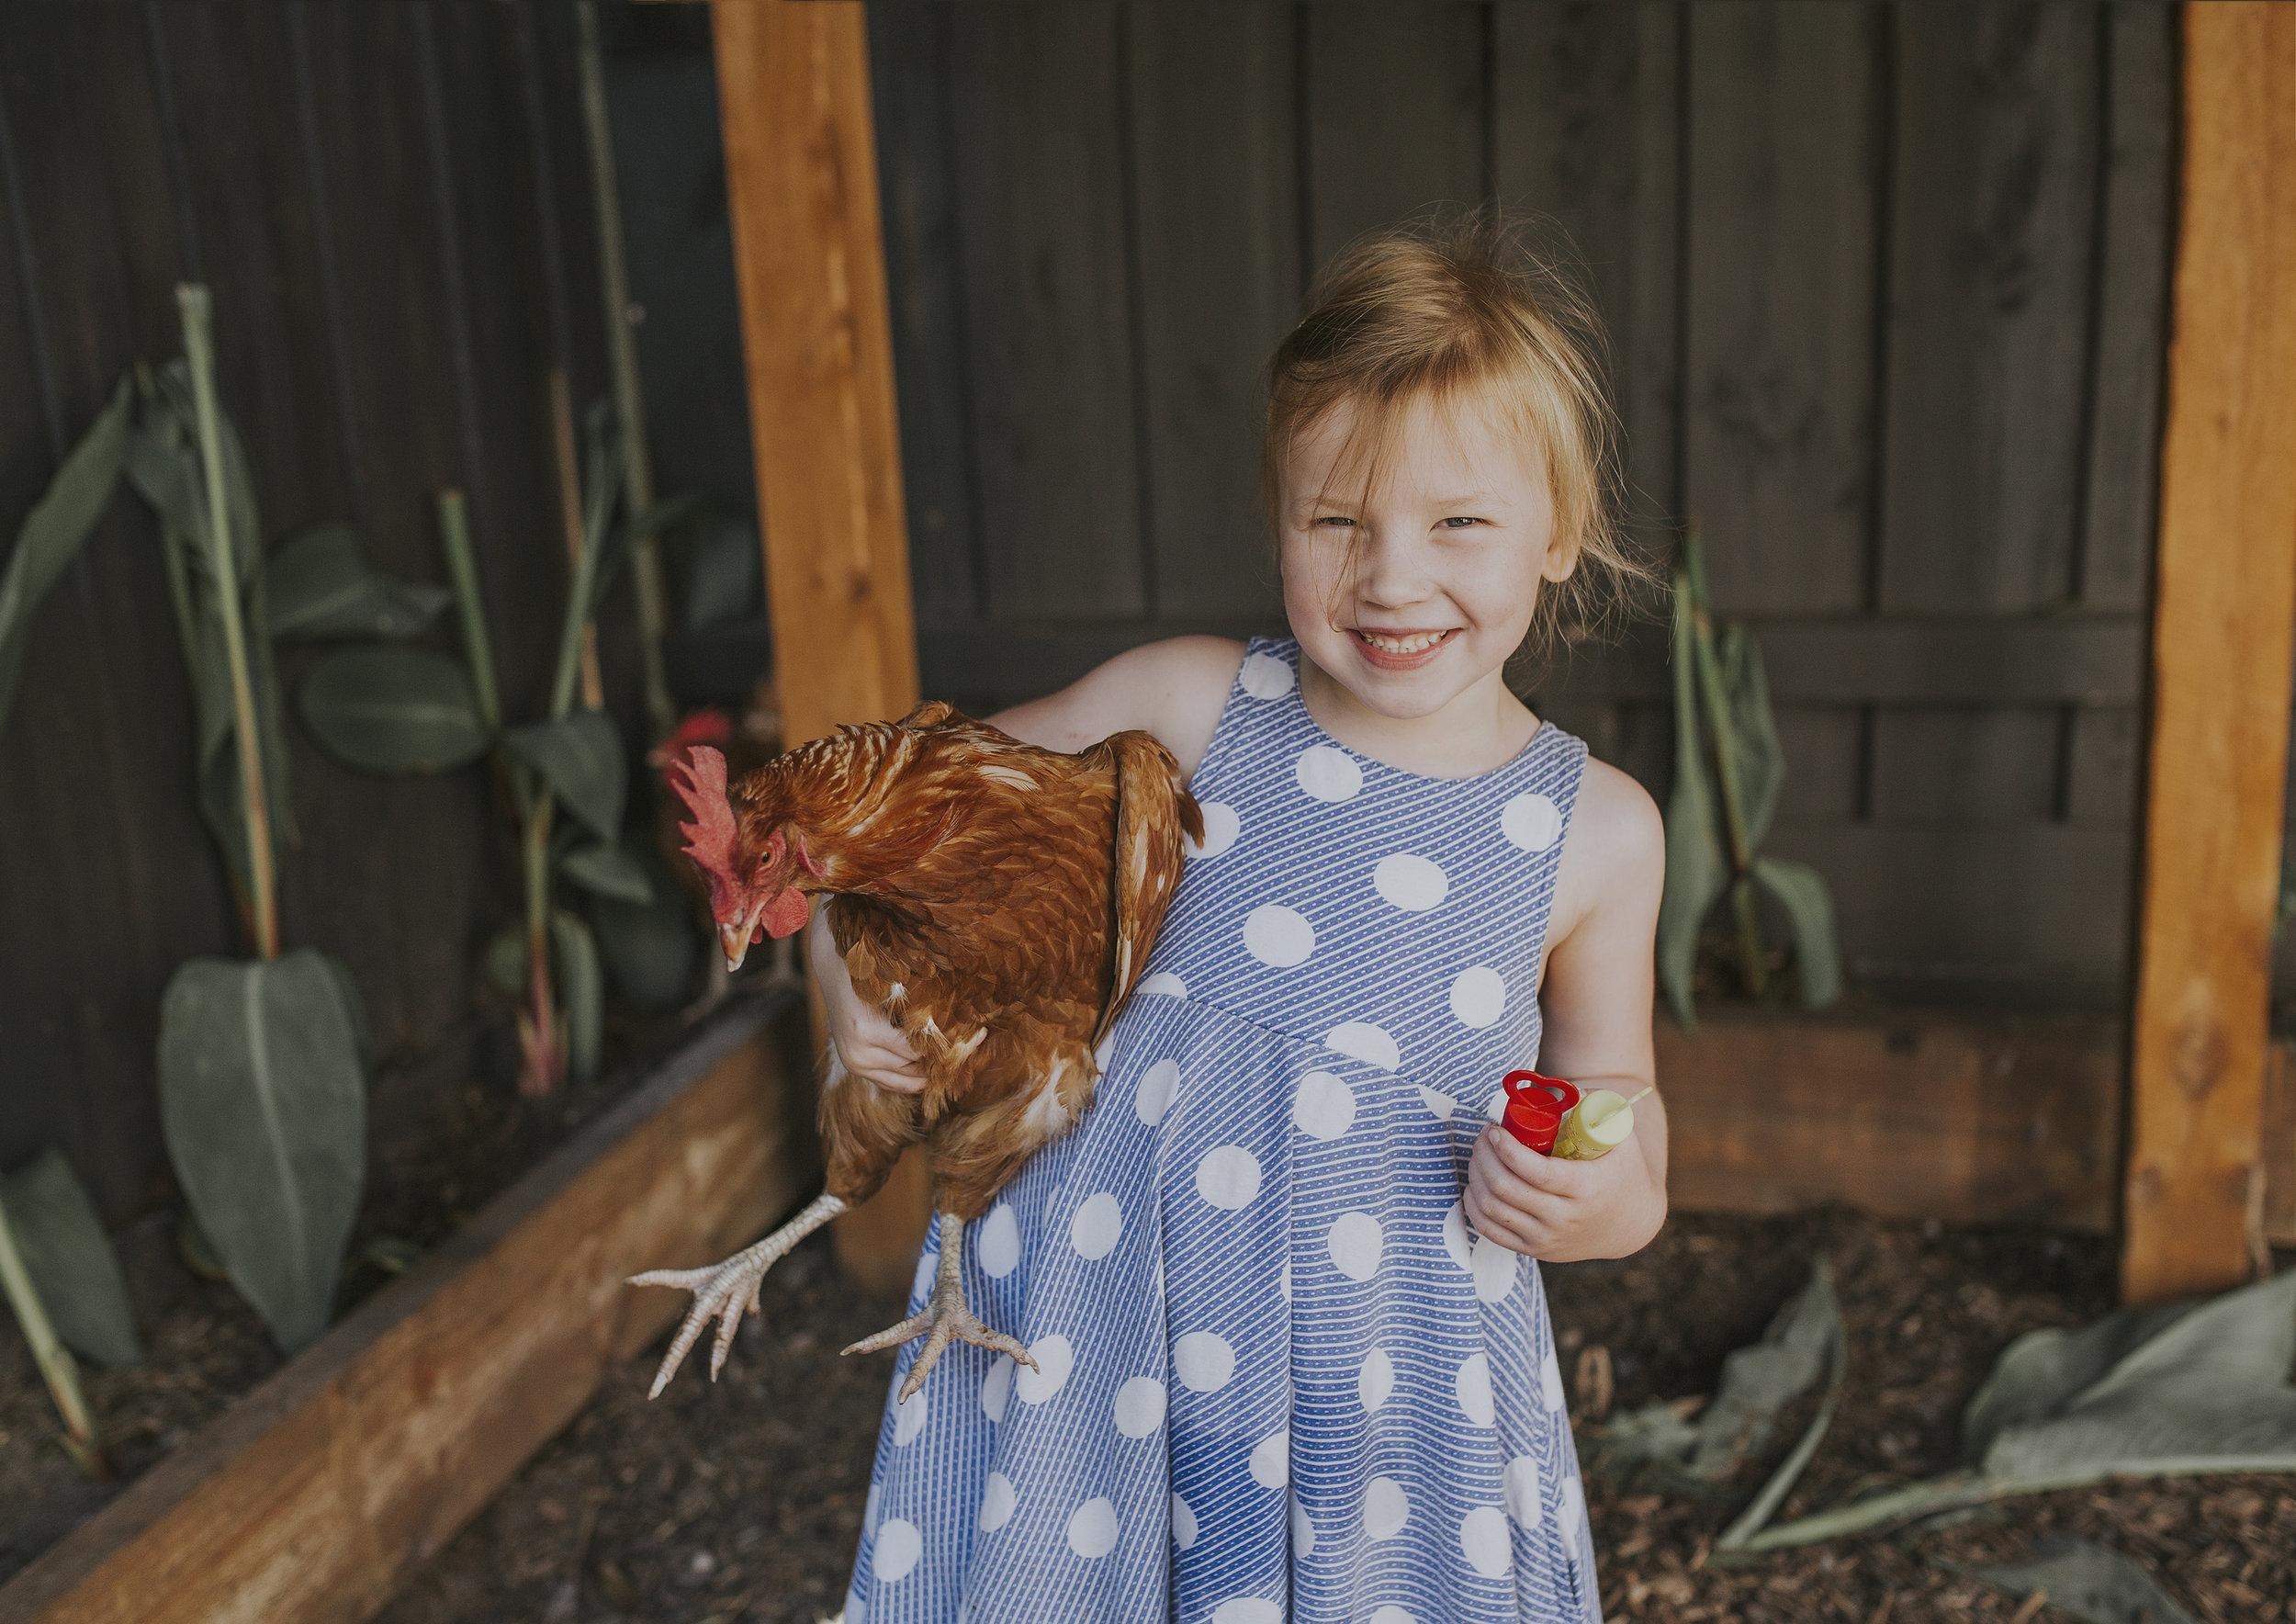 Little girl holding the family's pet hen